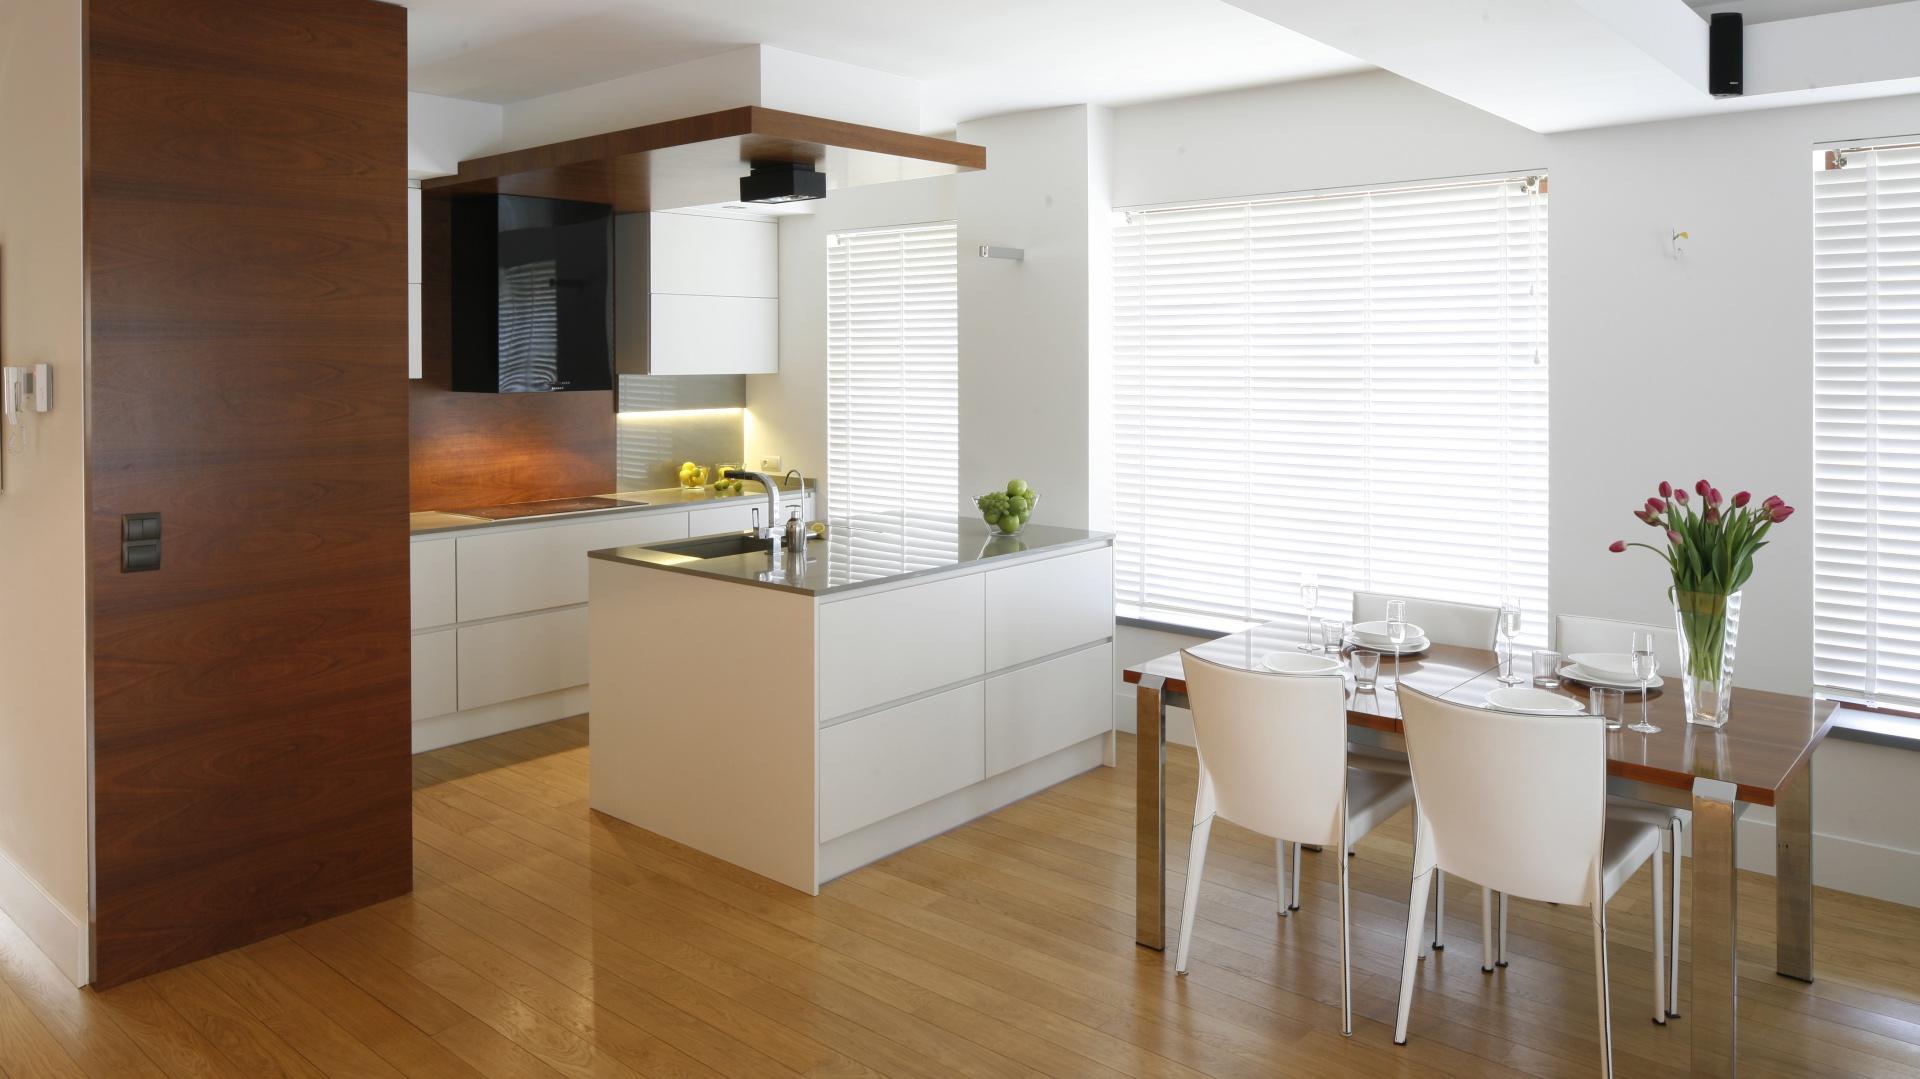 Otwarta na salon kuchnia urządzona została w tej samej bazie kolorystycznej co reszta domu. Ociepla ją drewno w postaci forniru. Projekt: Kamila Paszkiewicz. Fot. Bartosz Jarosz.